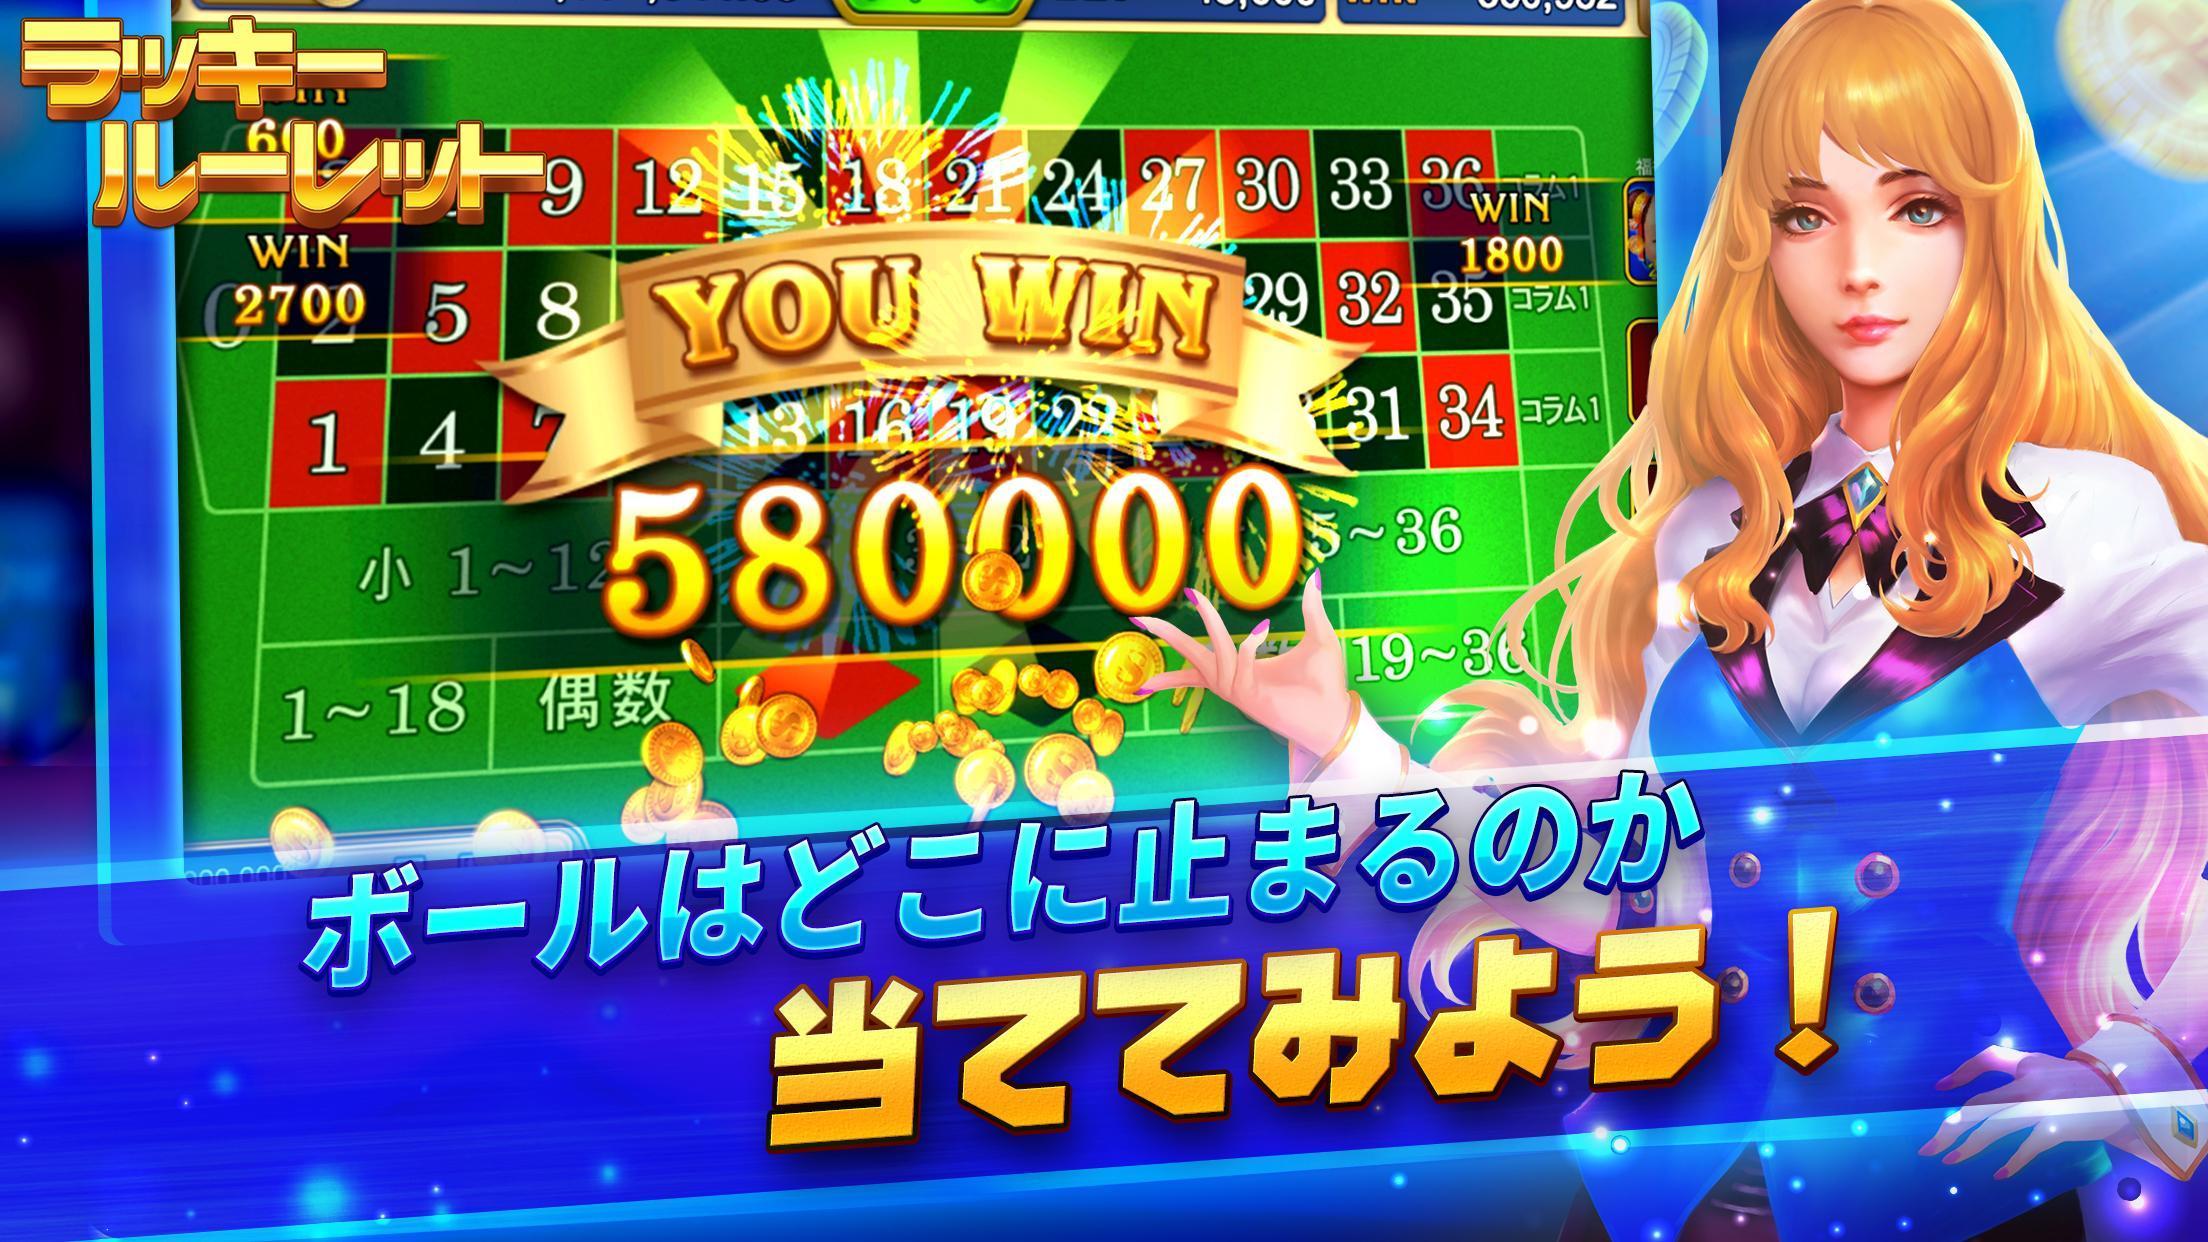 スーパーラッキーカジノ ~ オーシャンモンスター、スロット、サイコロ、ポーカー 3.14.1 Screenshot 6